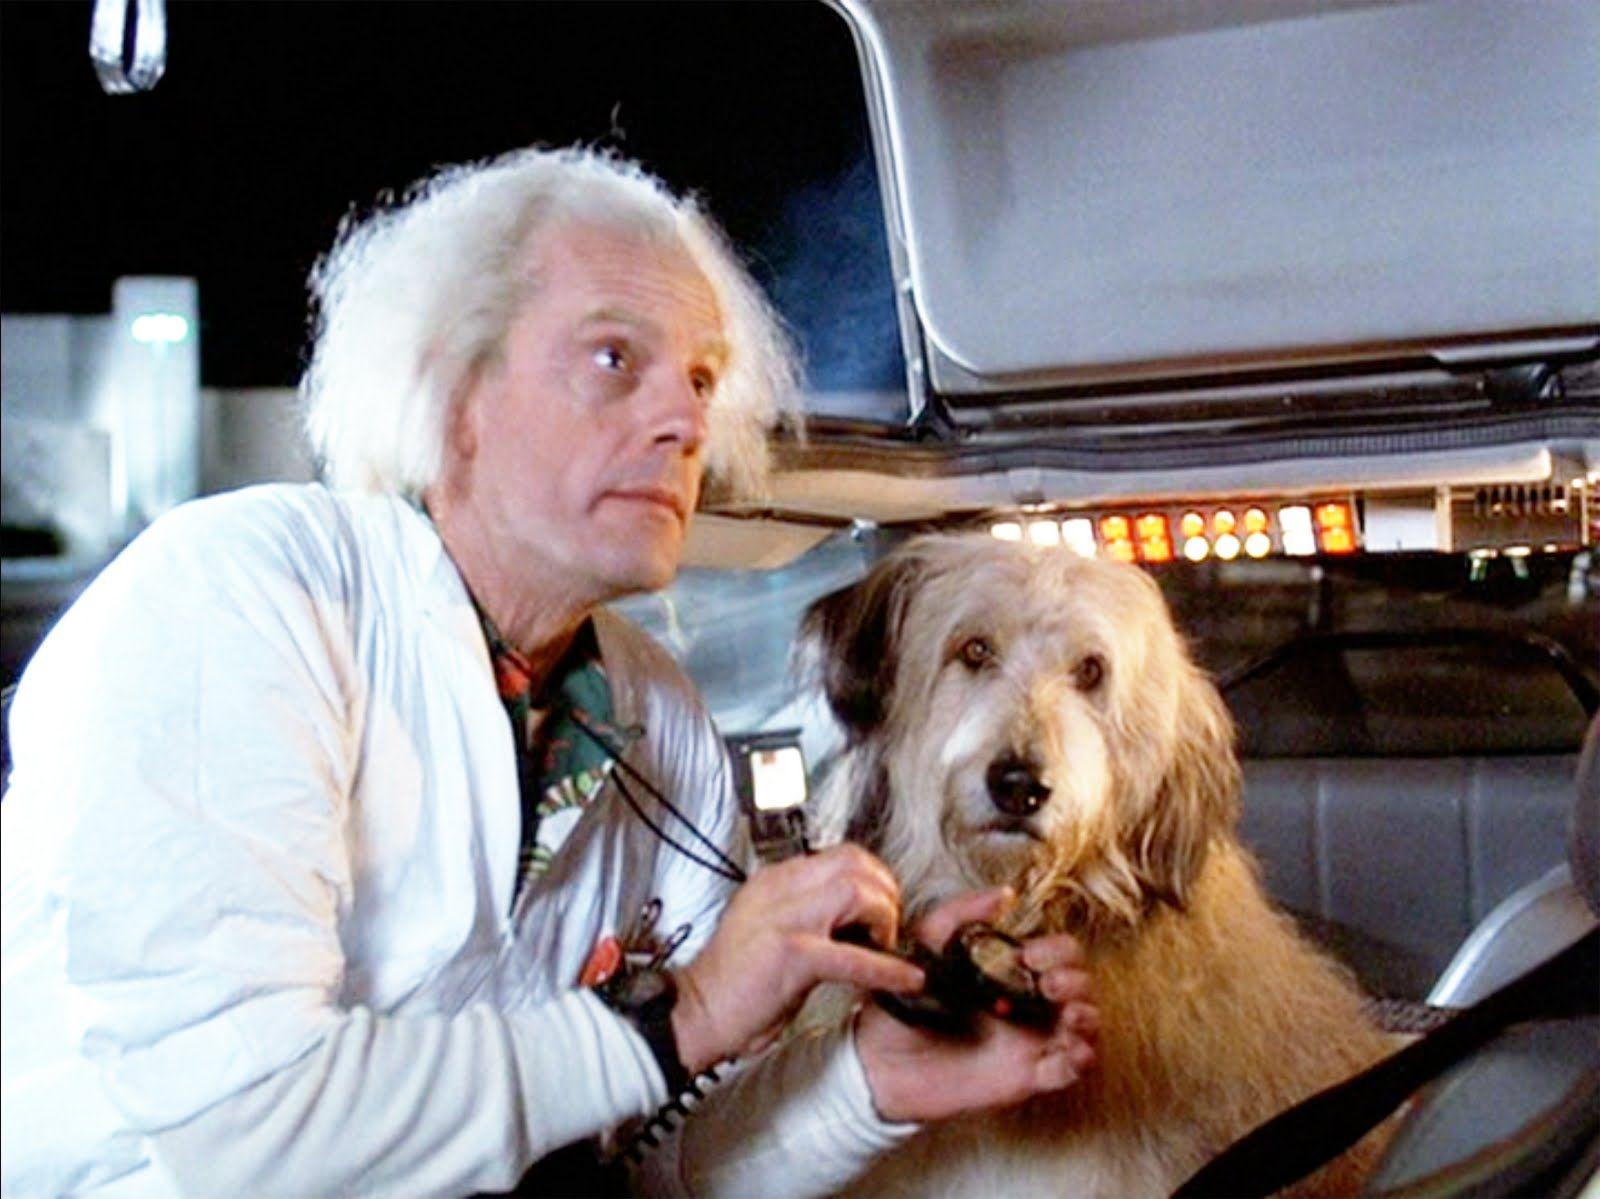 """Na zdjęciu widzimy dr Emmetta Browna z filmu """"Powrót do przyszłości"""" oraz jego psa. Jak się nazywał?"""